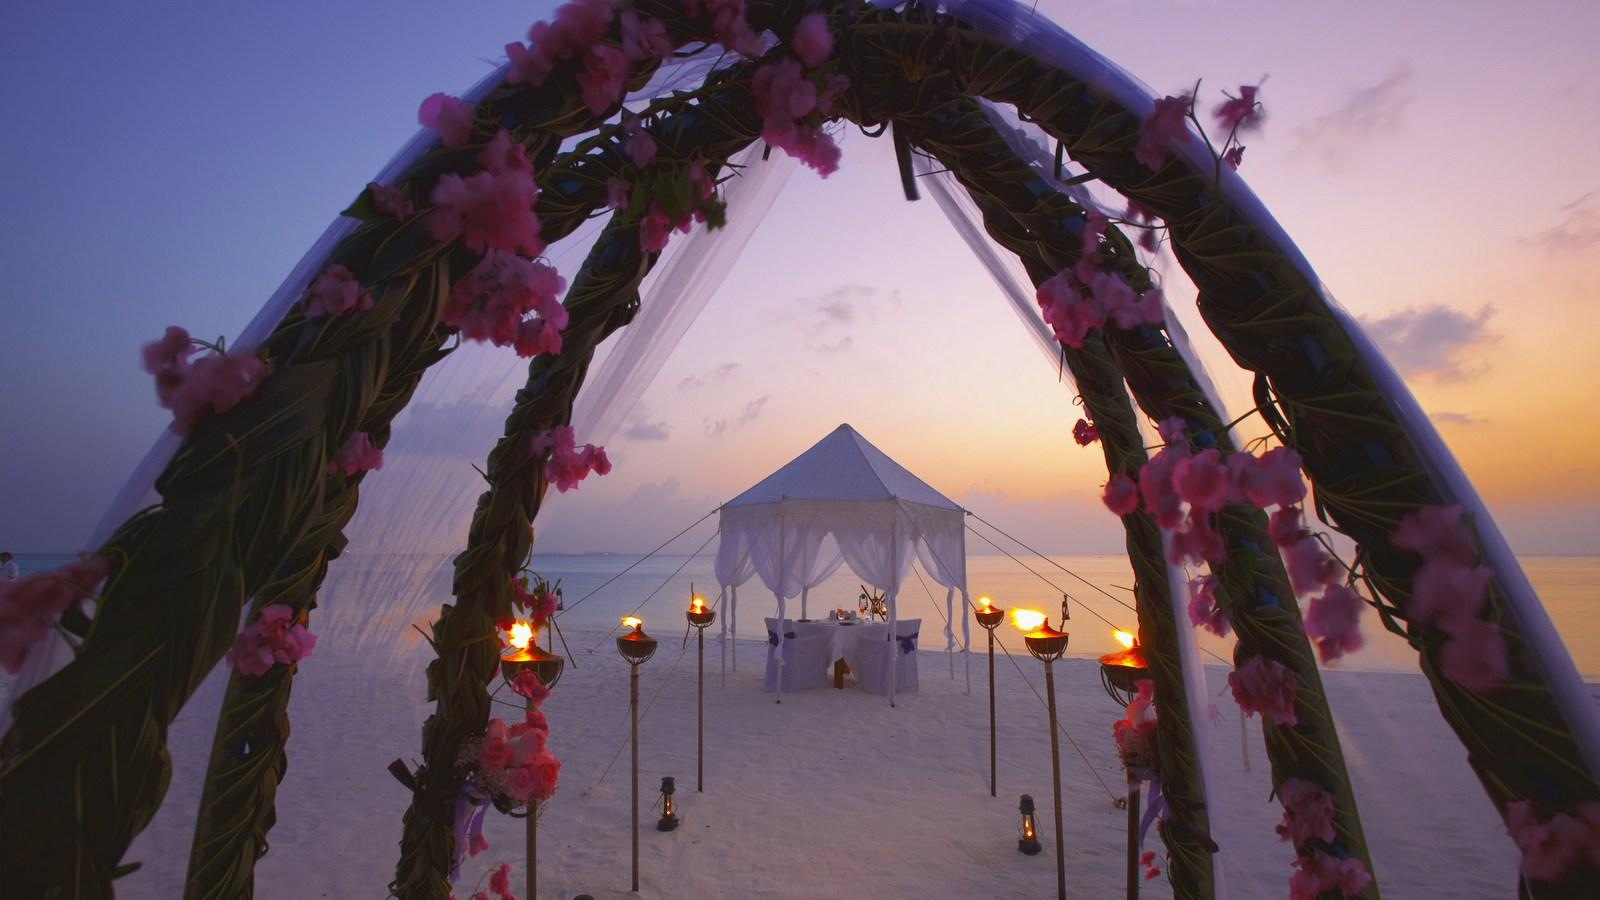 Мальдивы, отель Anantara Dhigu Maldives Resort, свадебная церемония